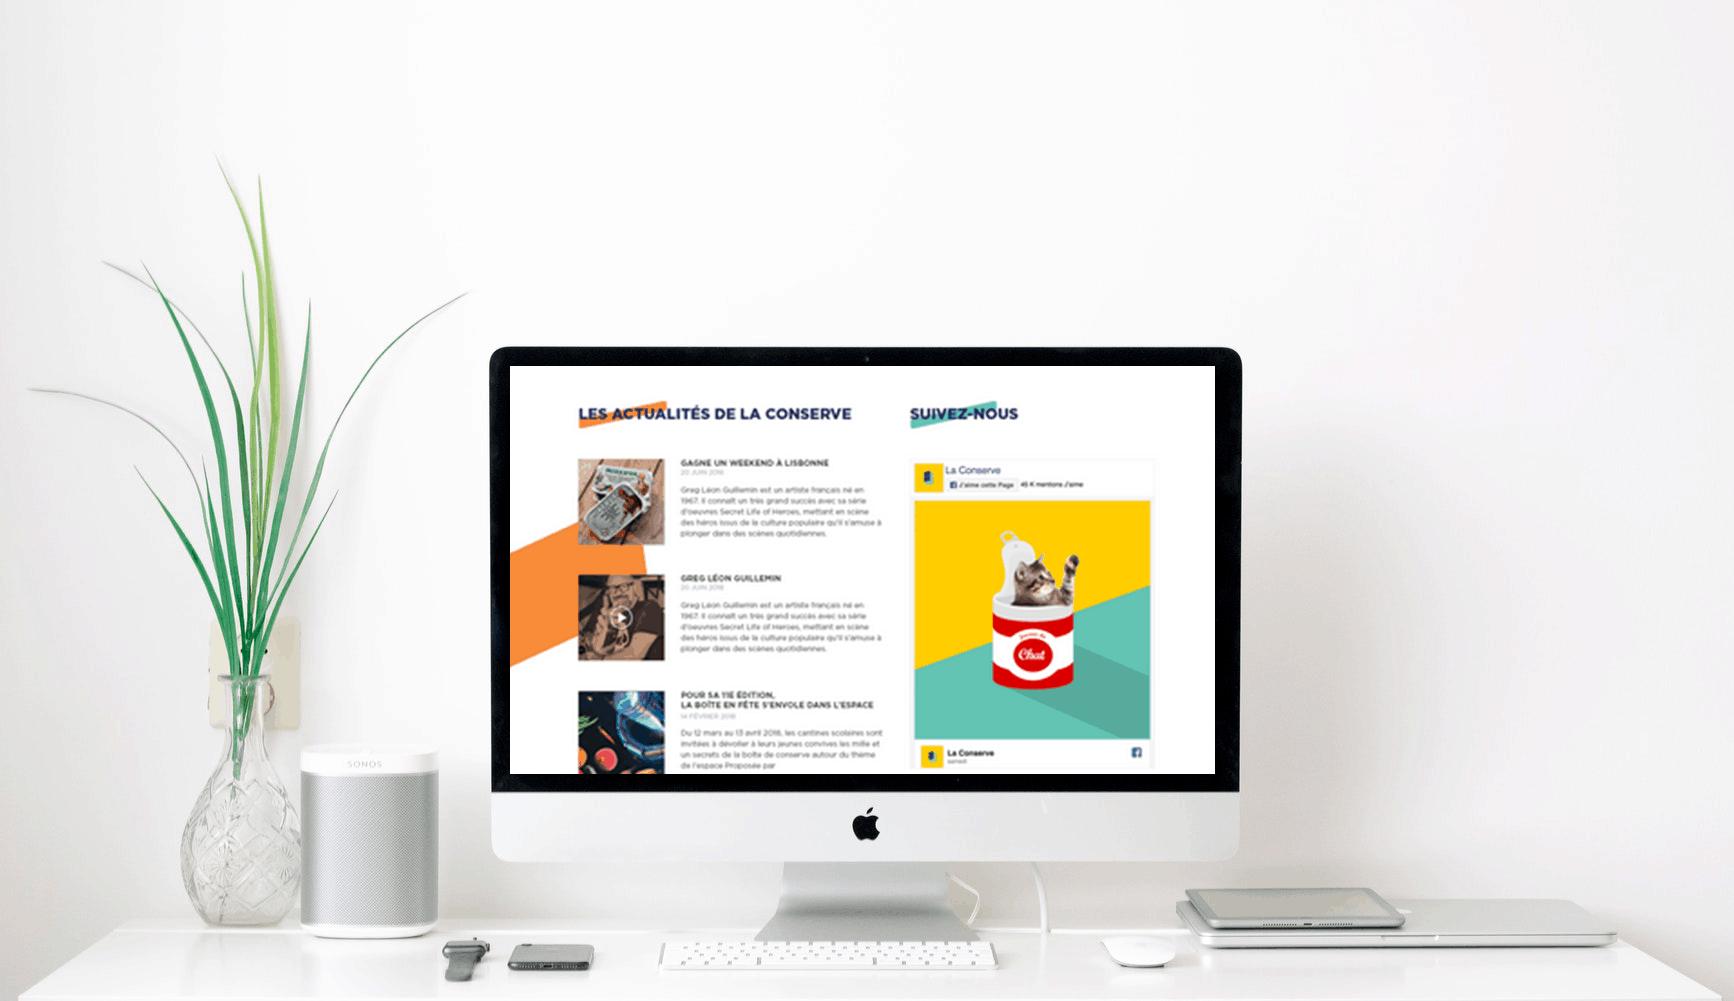 Le site internet laconserve.com fait peau neuve